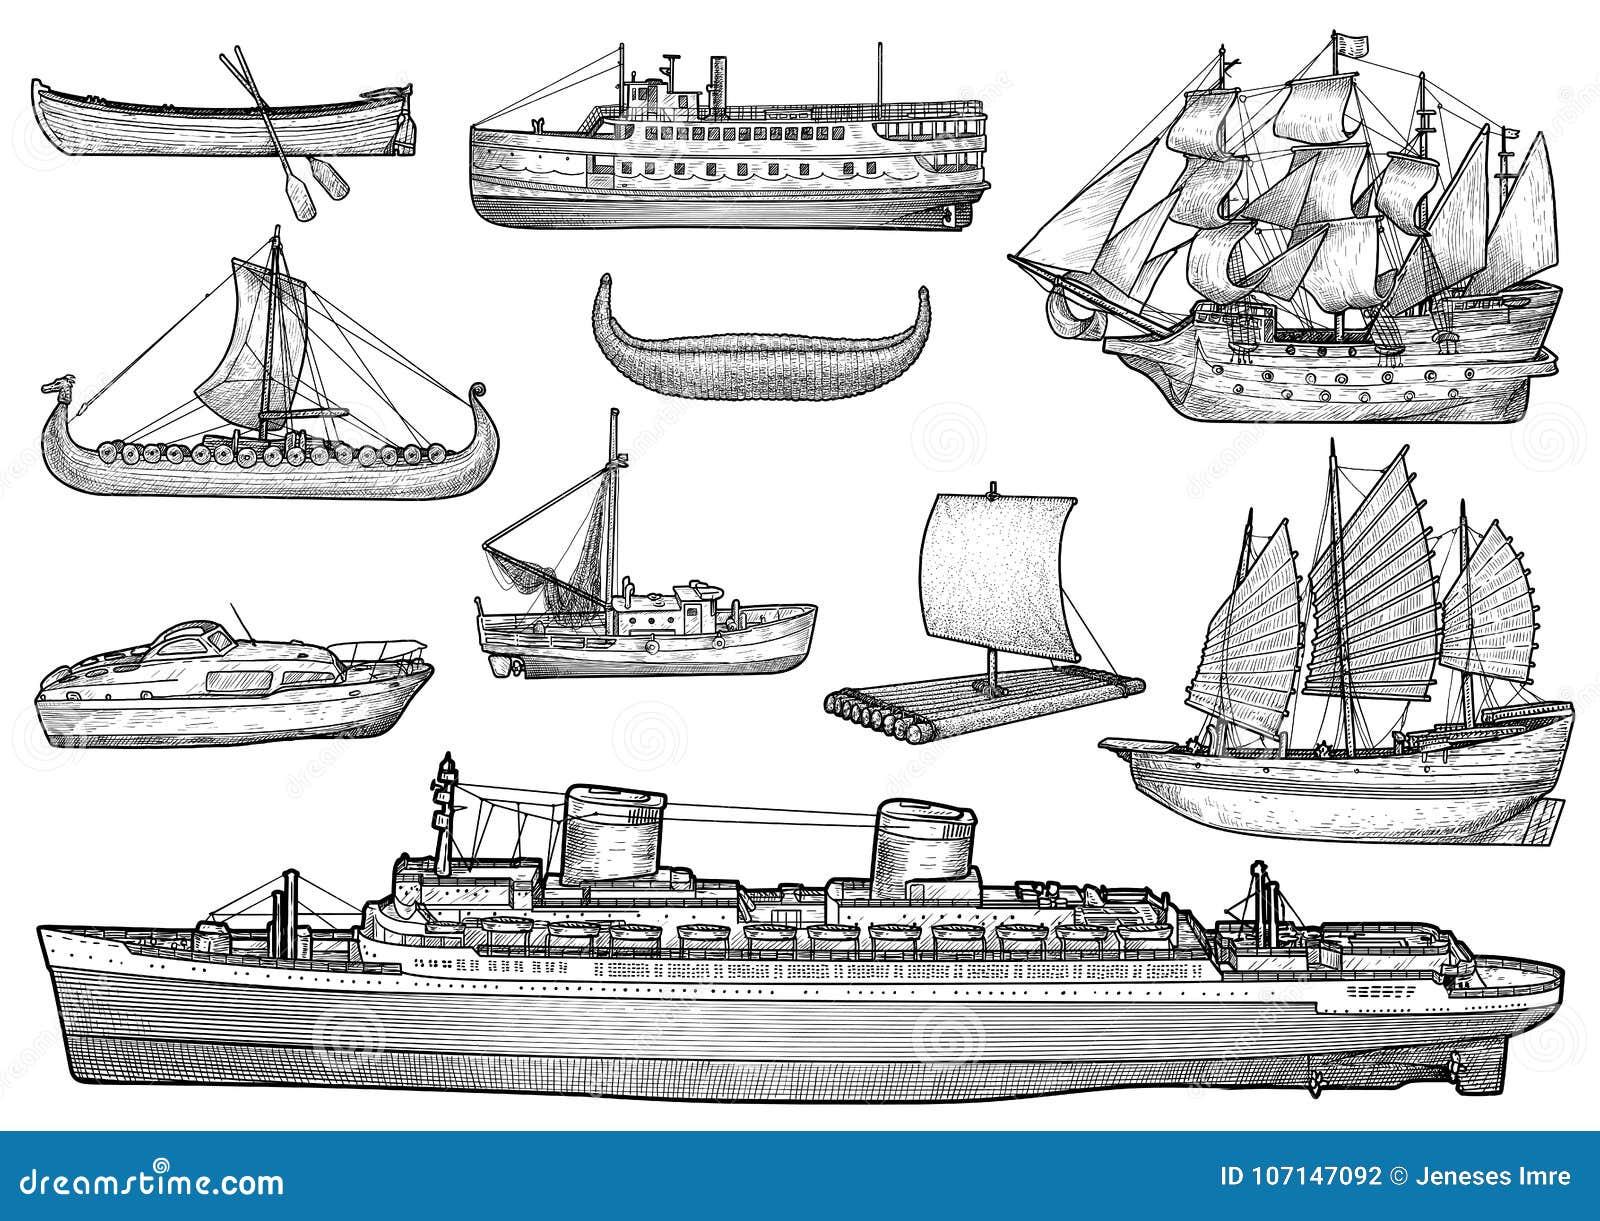 Navio, barco, coleção, ilustração, desenho, gravura, tinta, linha arte, vetor